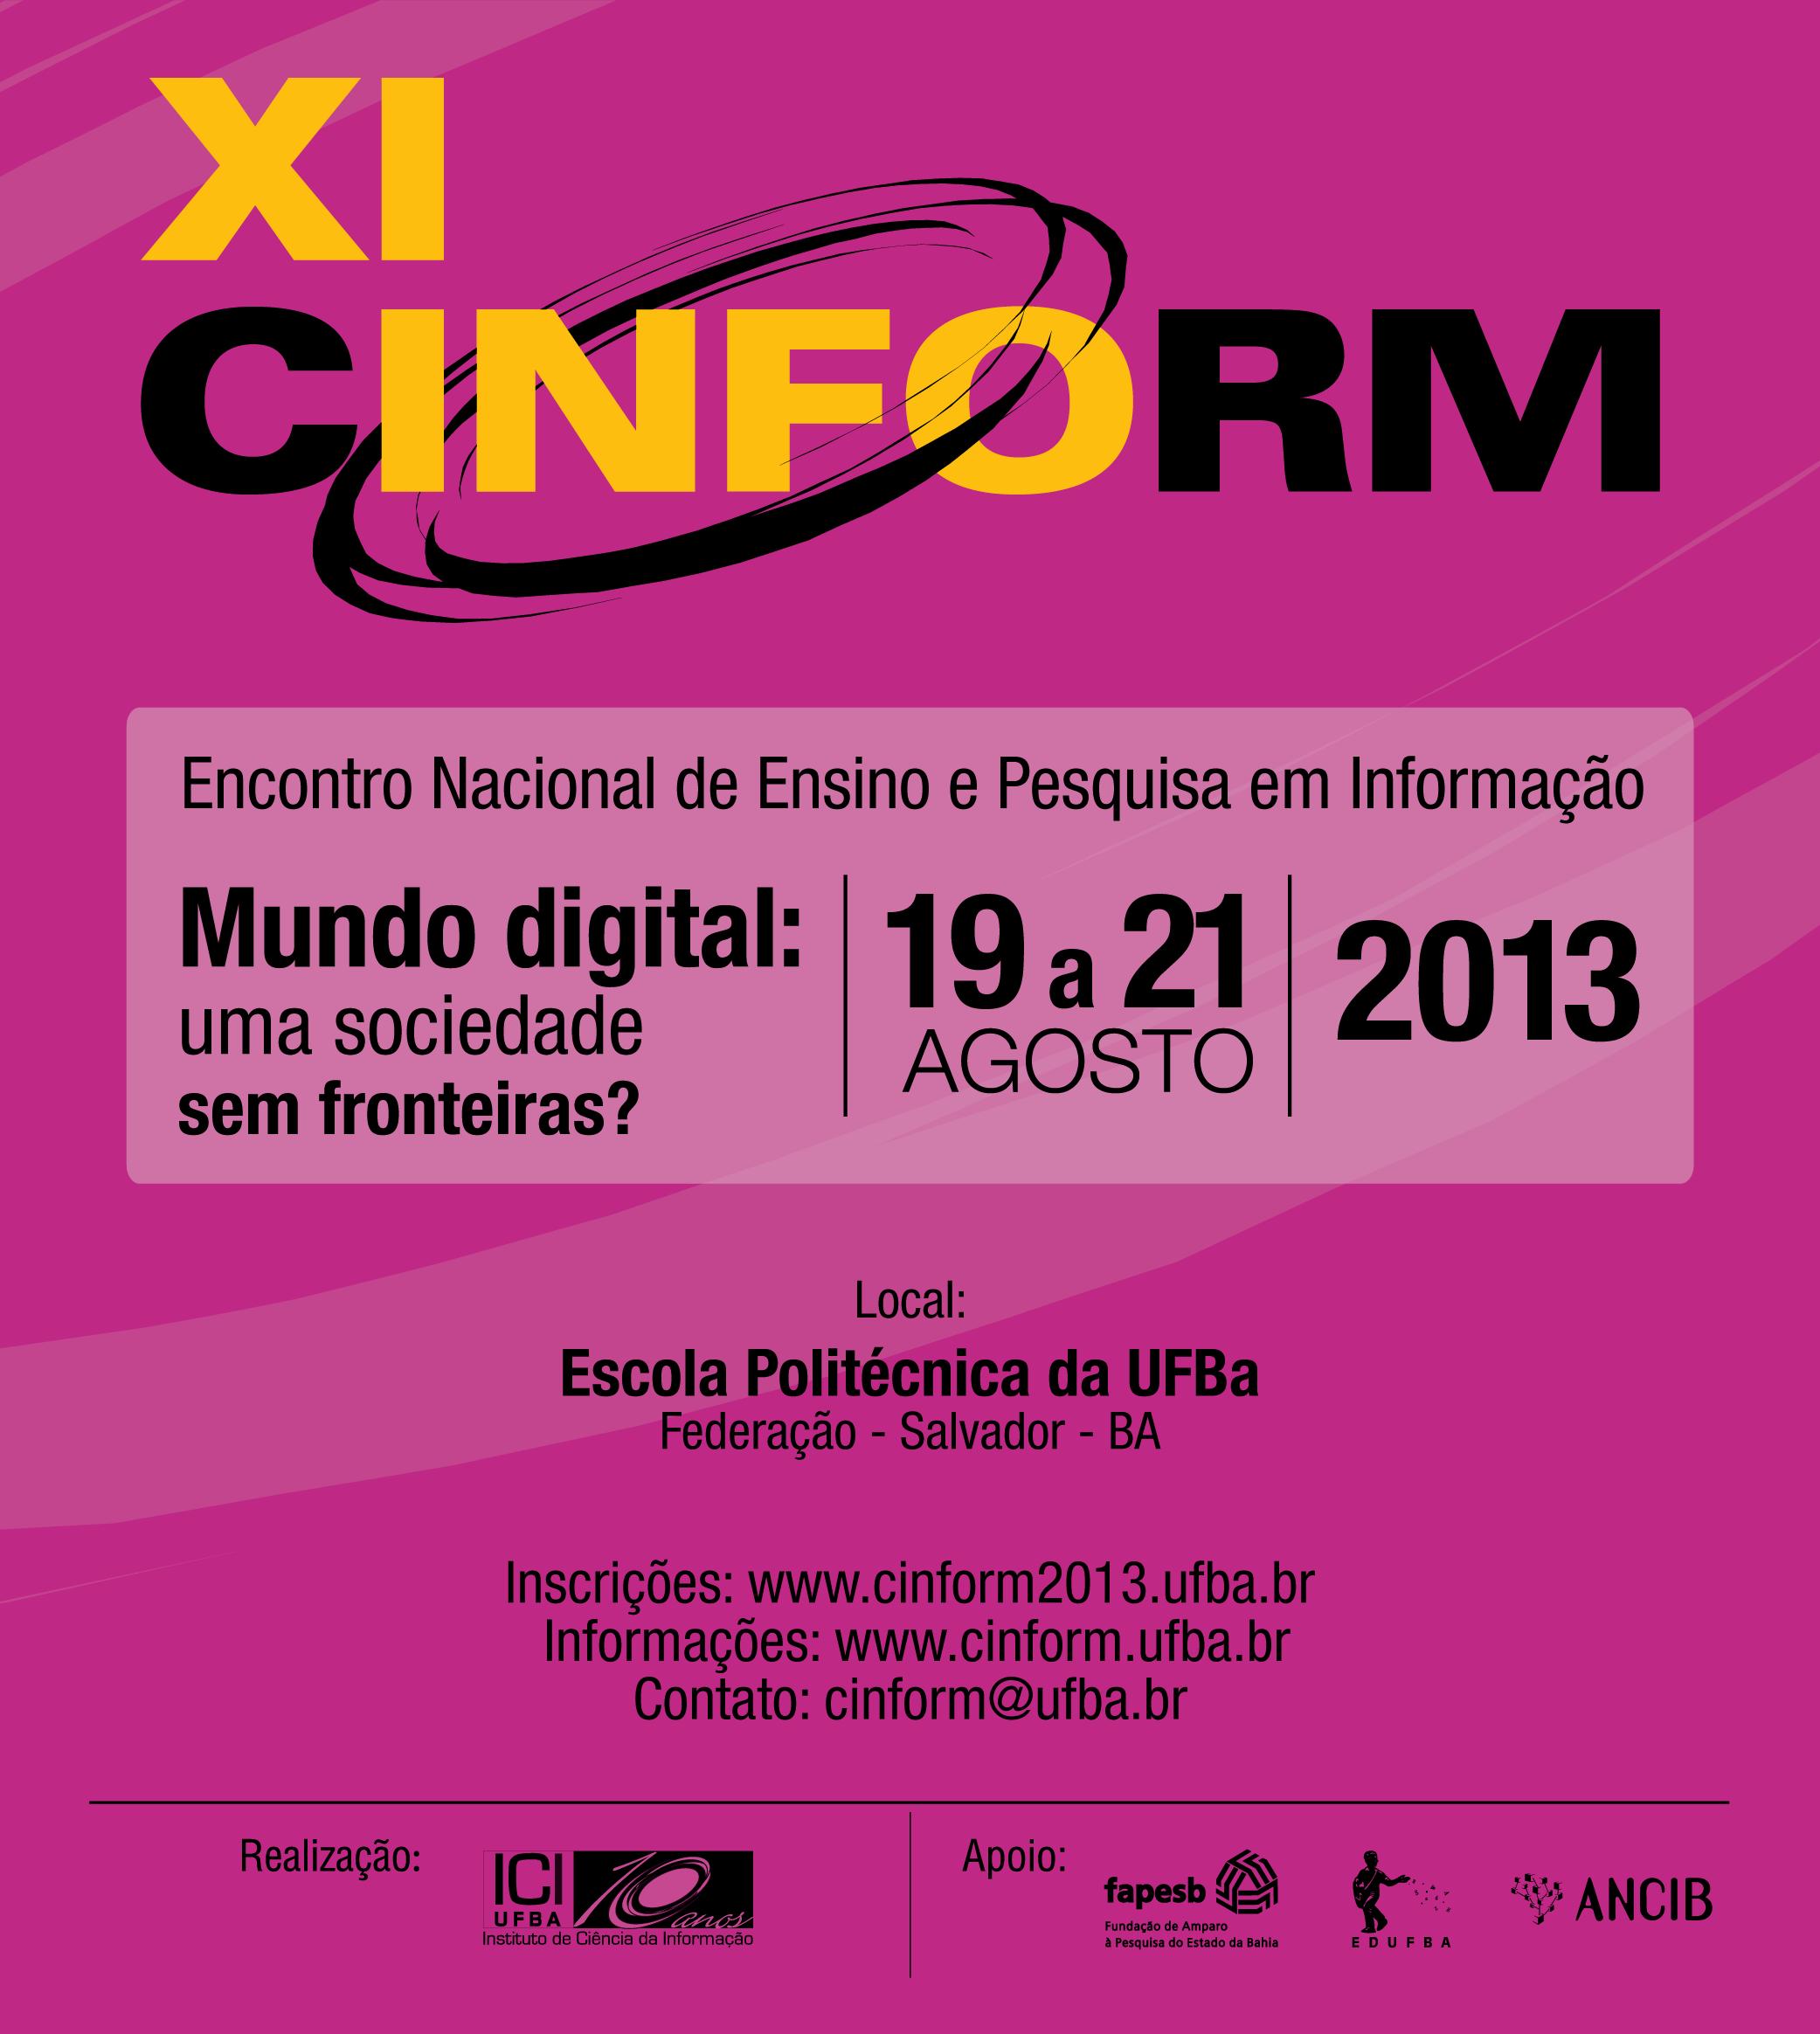 XI CINFORM - Encontro Nacional de Ensino e Pesquisa em Informação